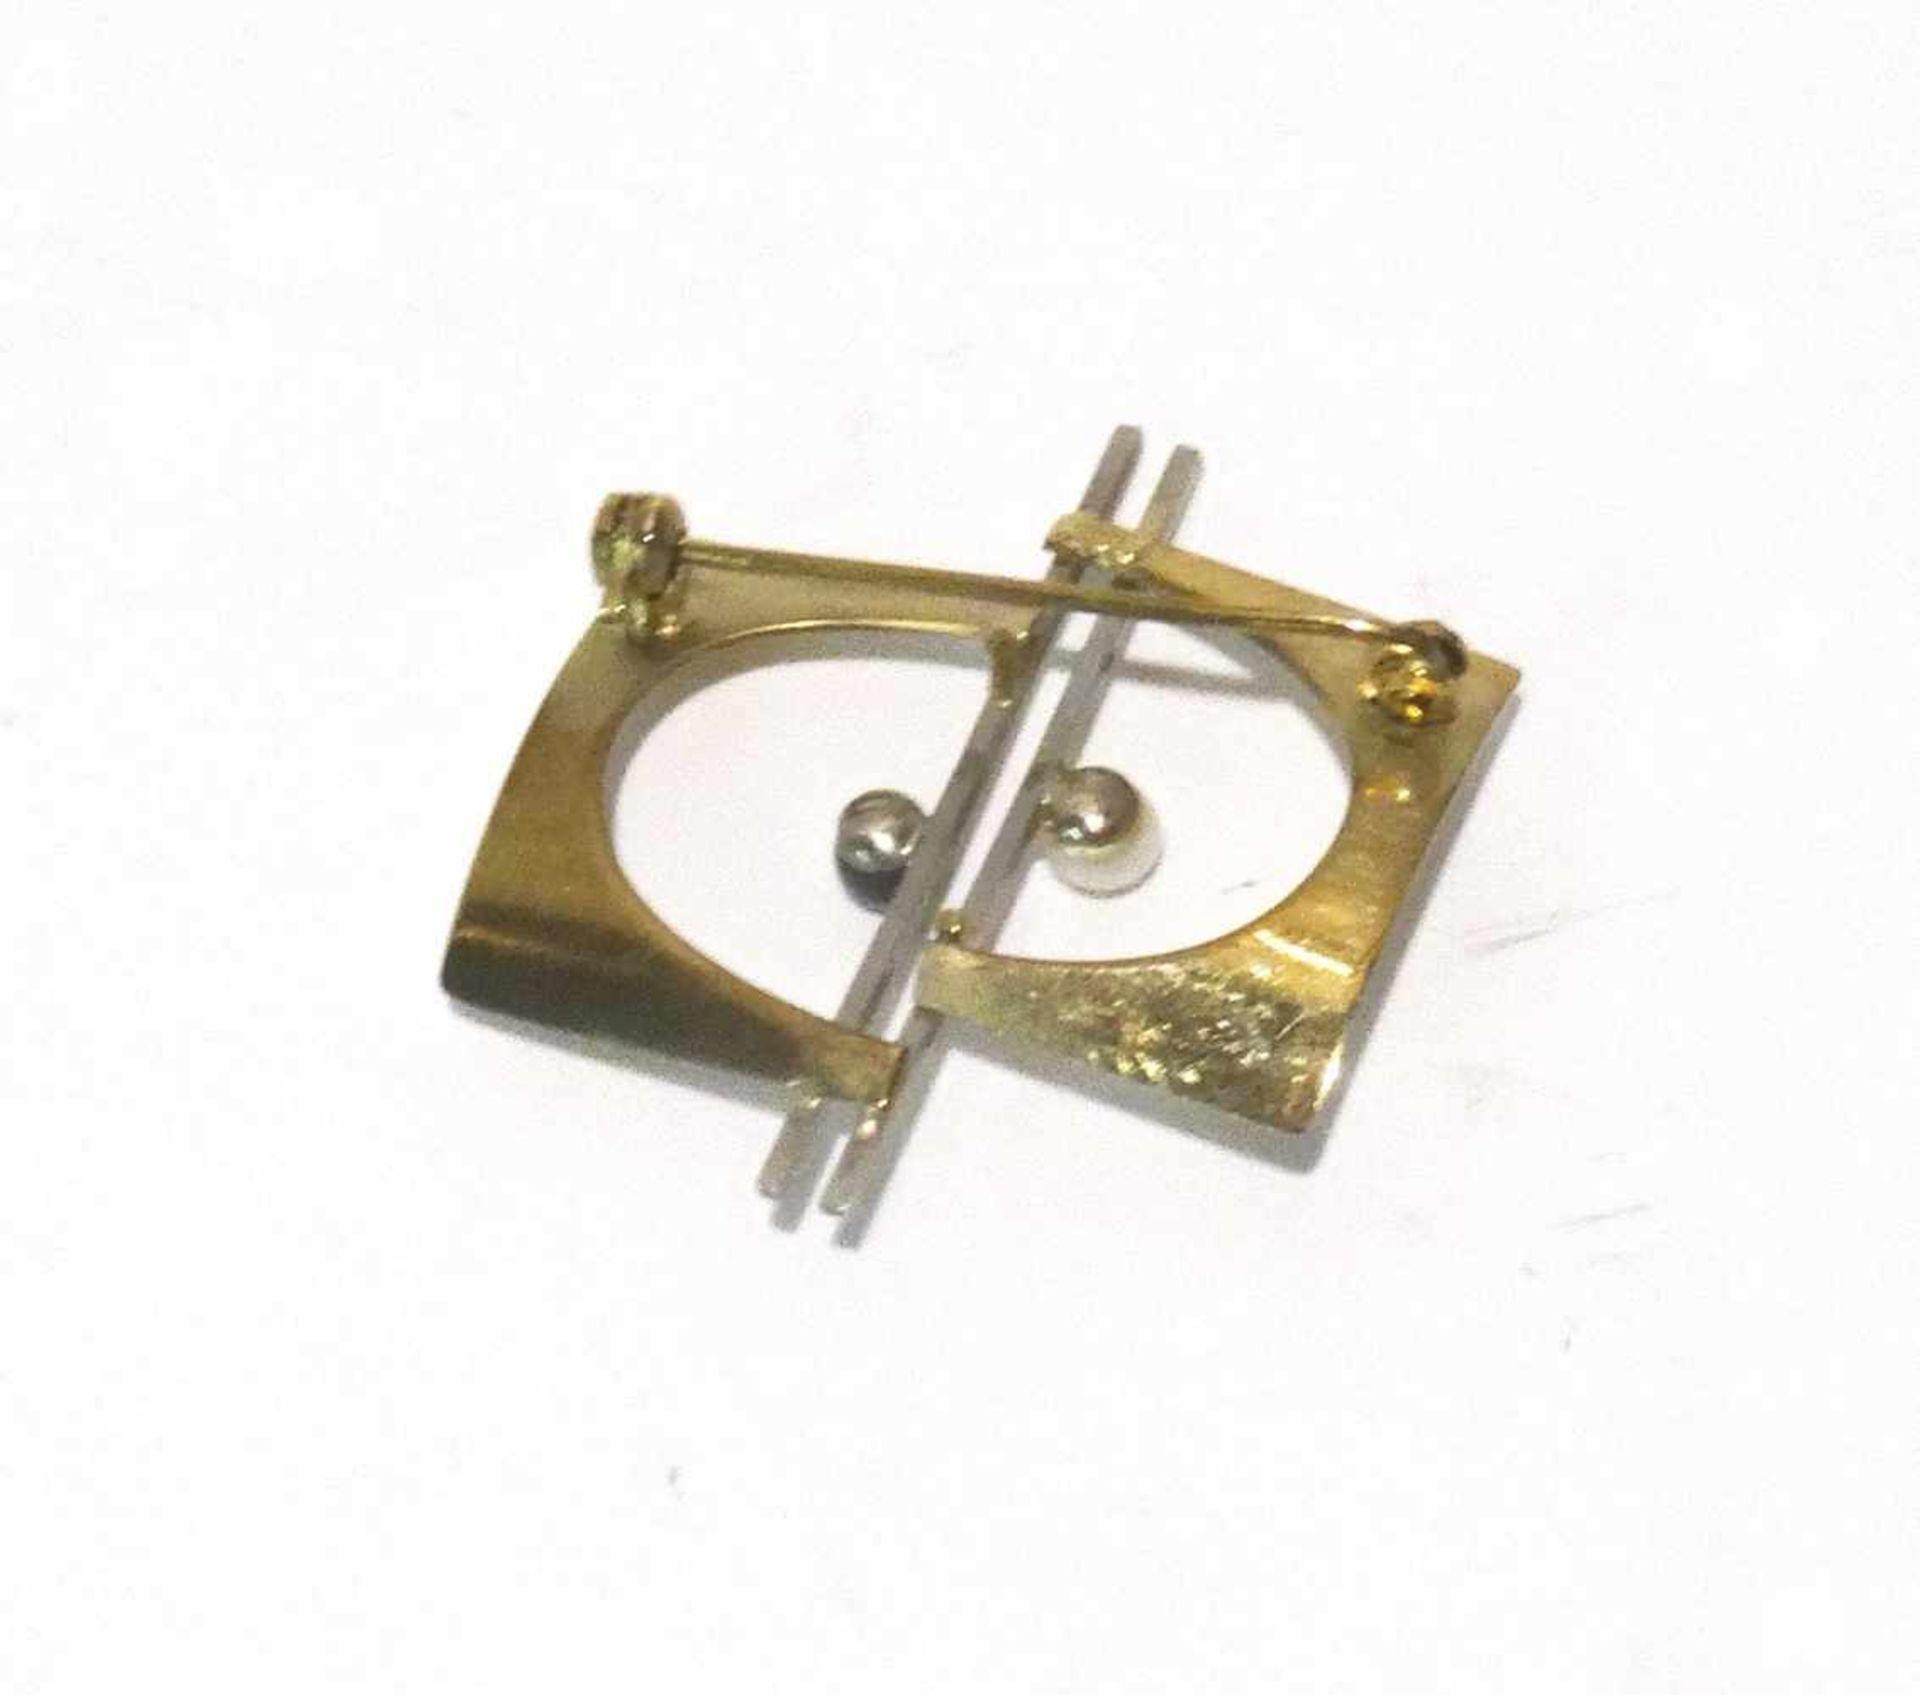 333 Gold Brosche / Nadel 2-farbig mit 2 Perlen besetzt, ca. 3 x 3cm, Gewicht ges. ca. 2,7g - Bild 2 aus 2